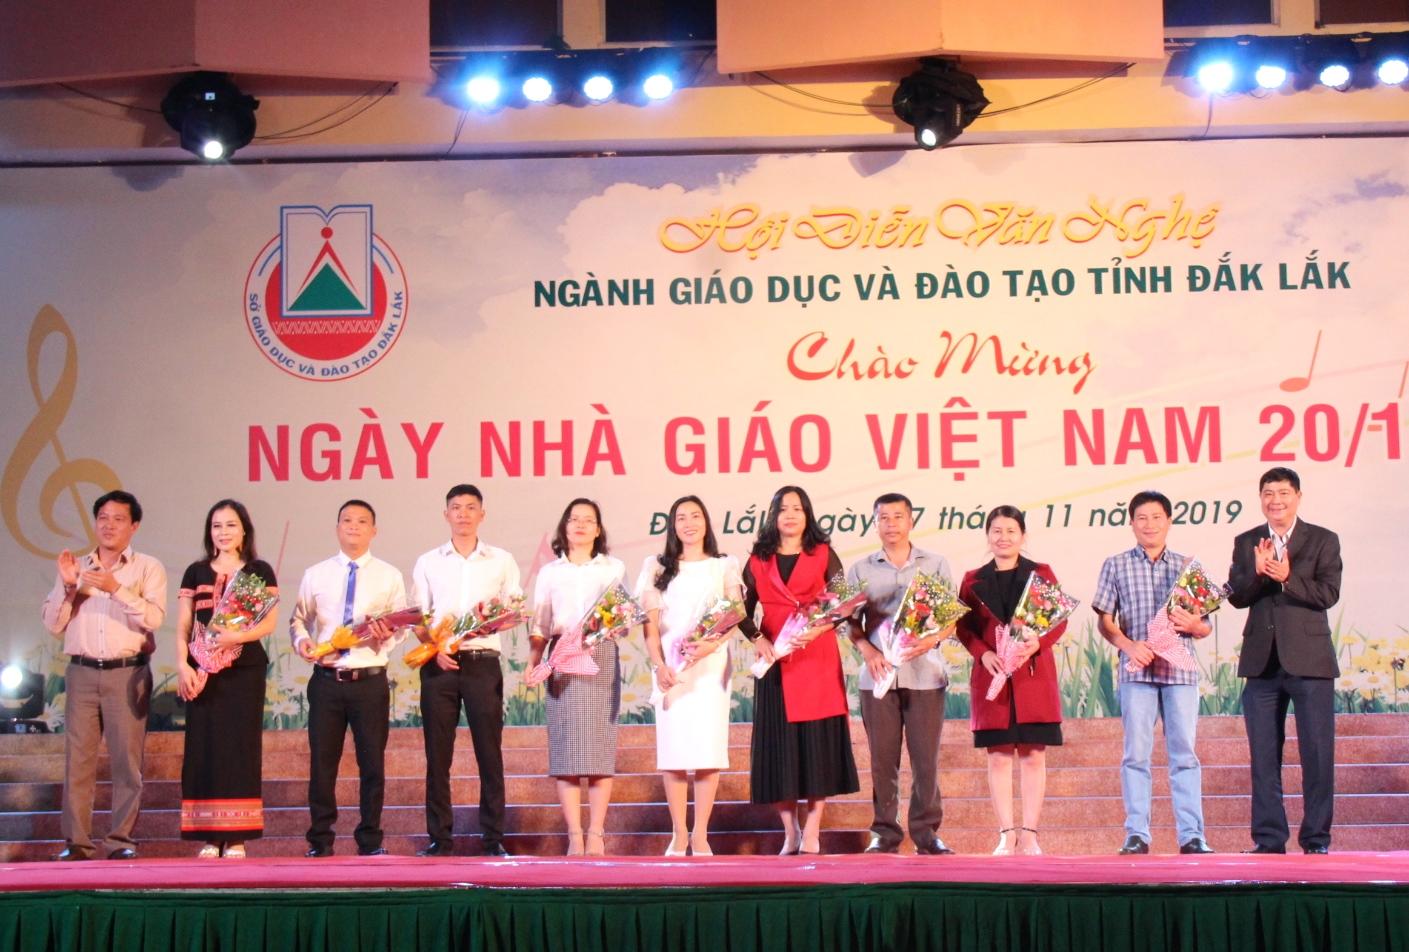 Hội diễn văn nghệ ngành Giáo dục và Đào tạo Đắk Lắk